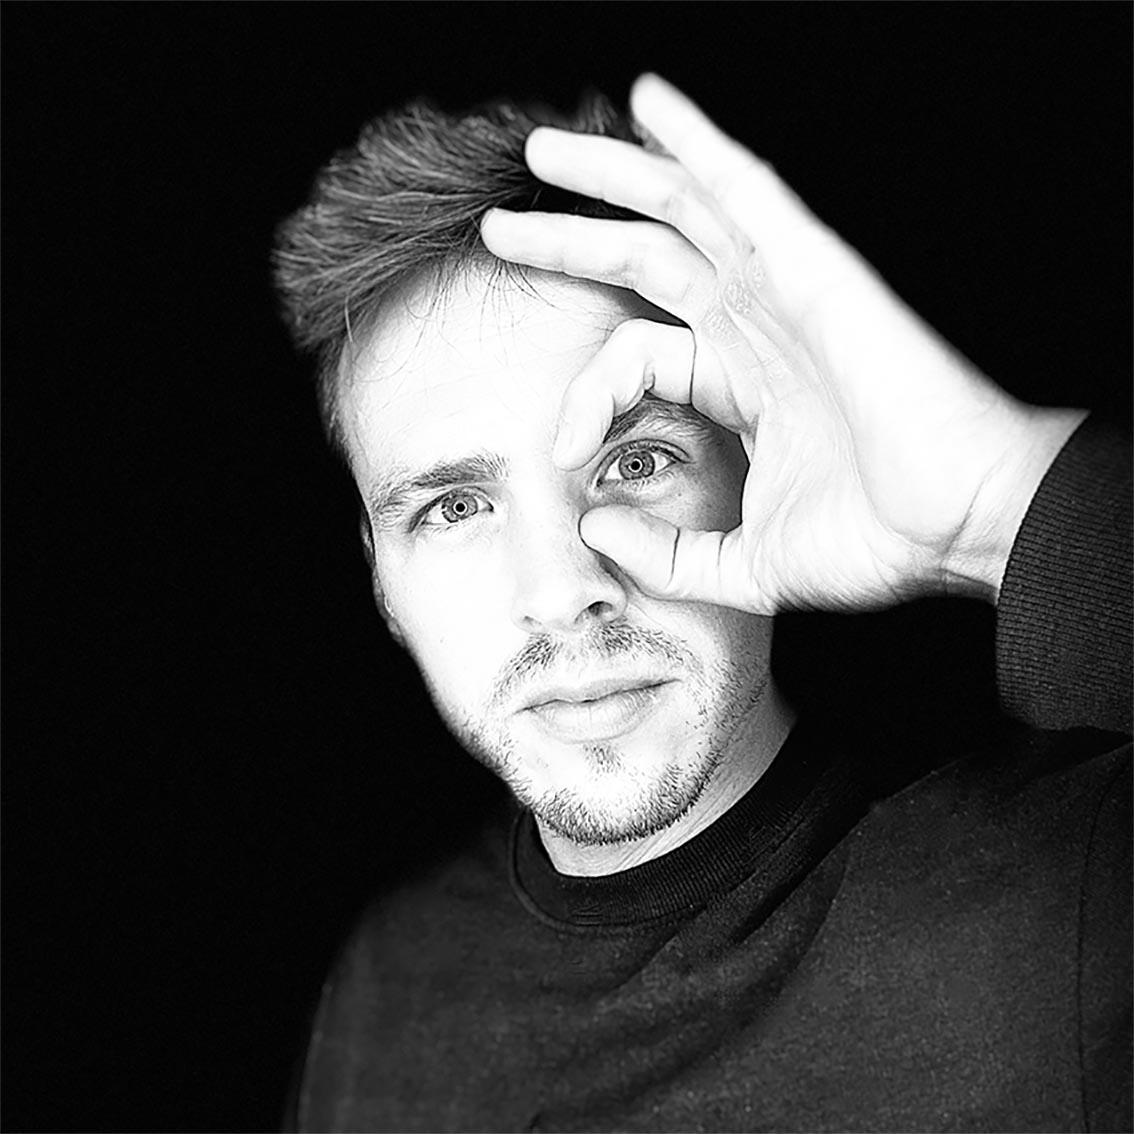 """Dieses Bild zeigt Jakob Fux in Nahaufname mit einer Hand vor dem linken Auge, deren Daumen und Zeige-Finger eine Runde """"Linse"""" formen."""